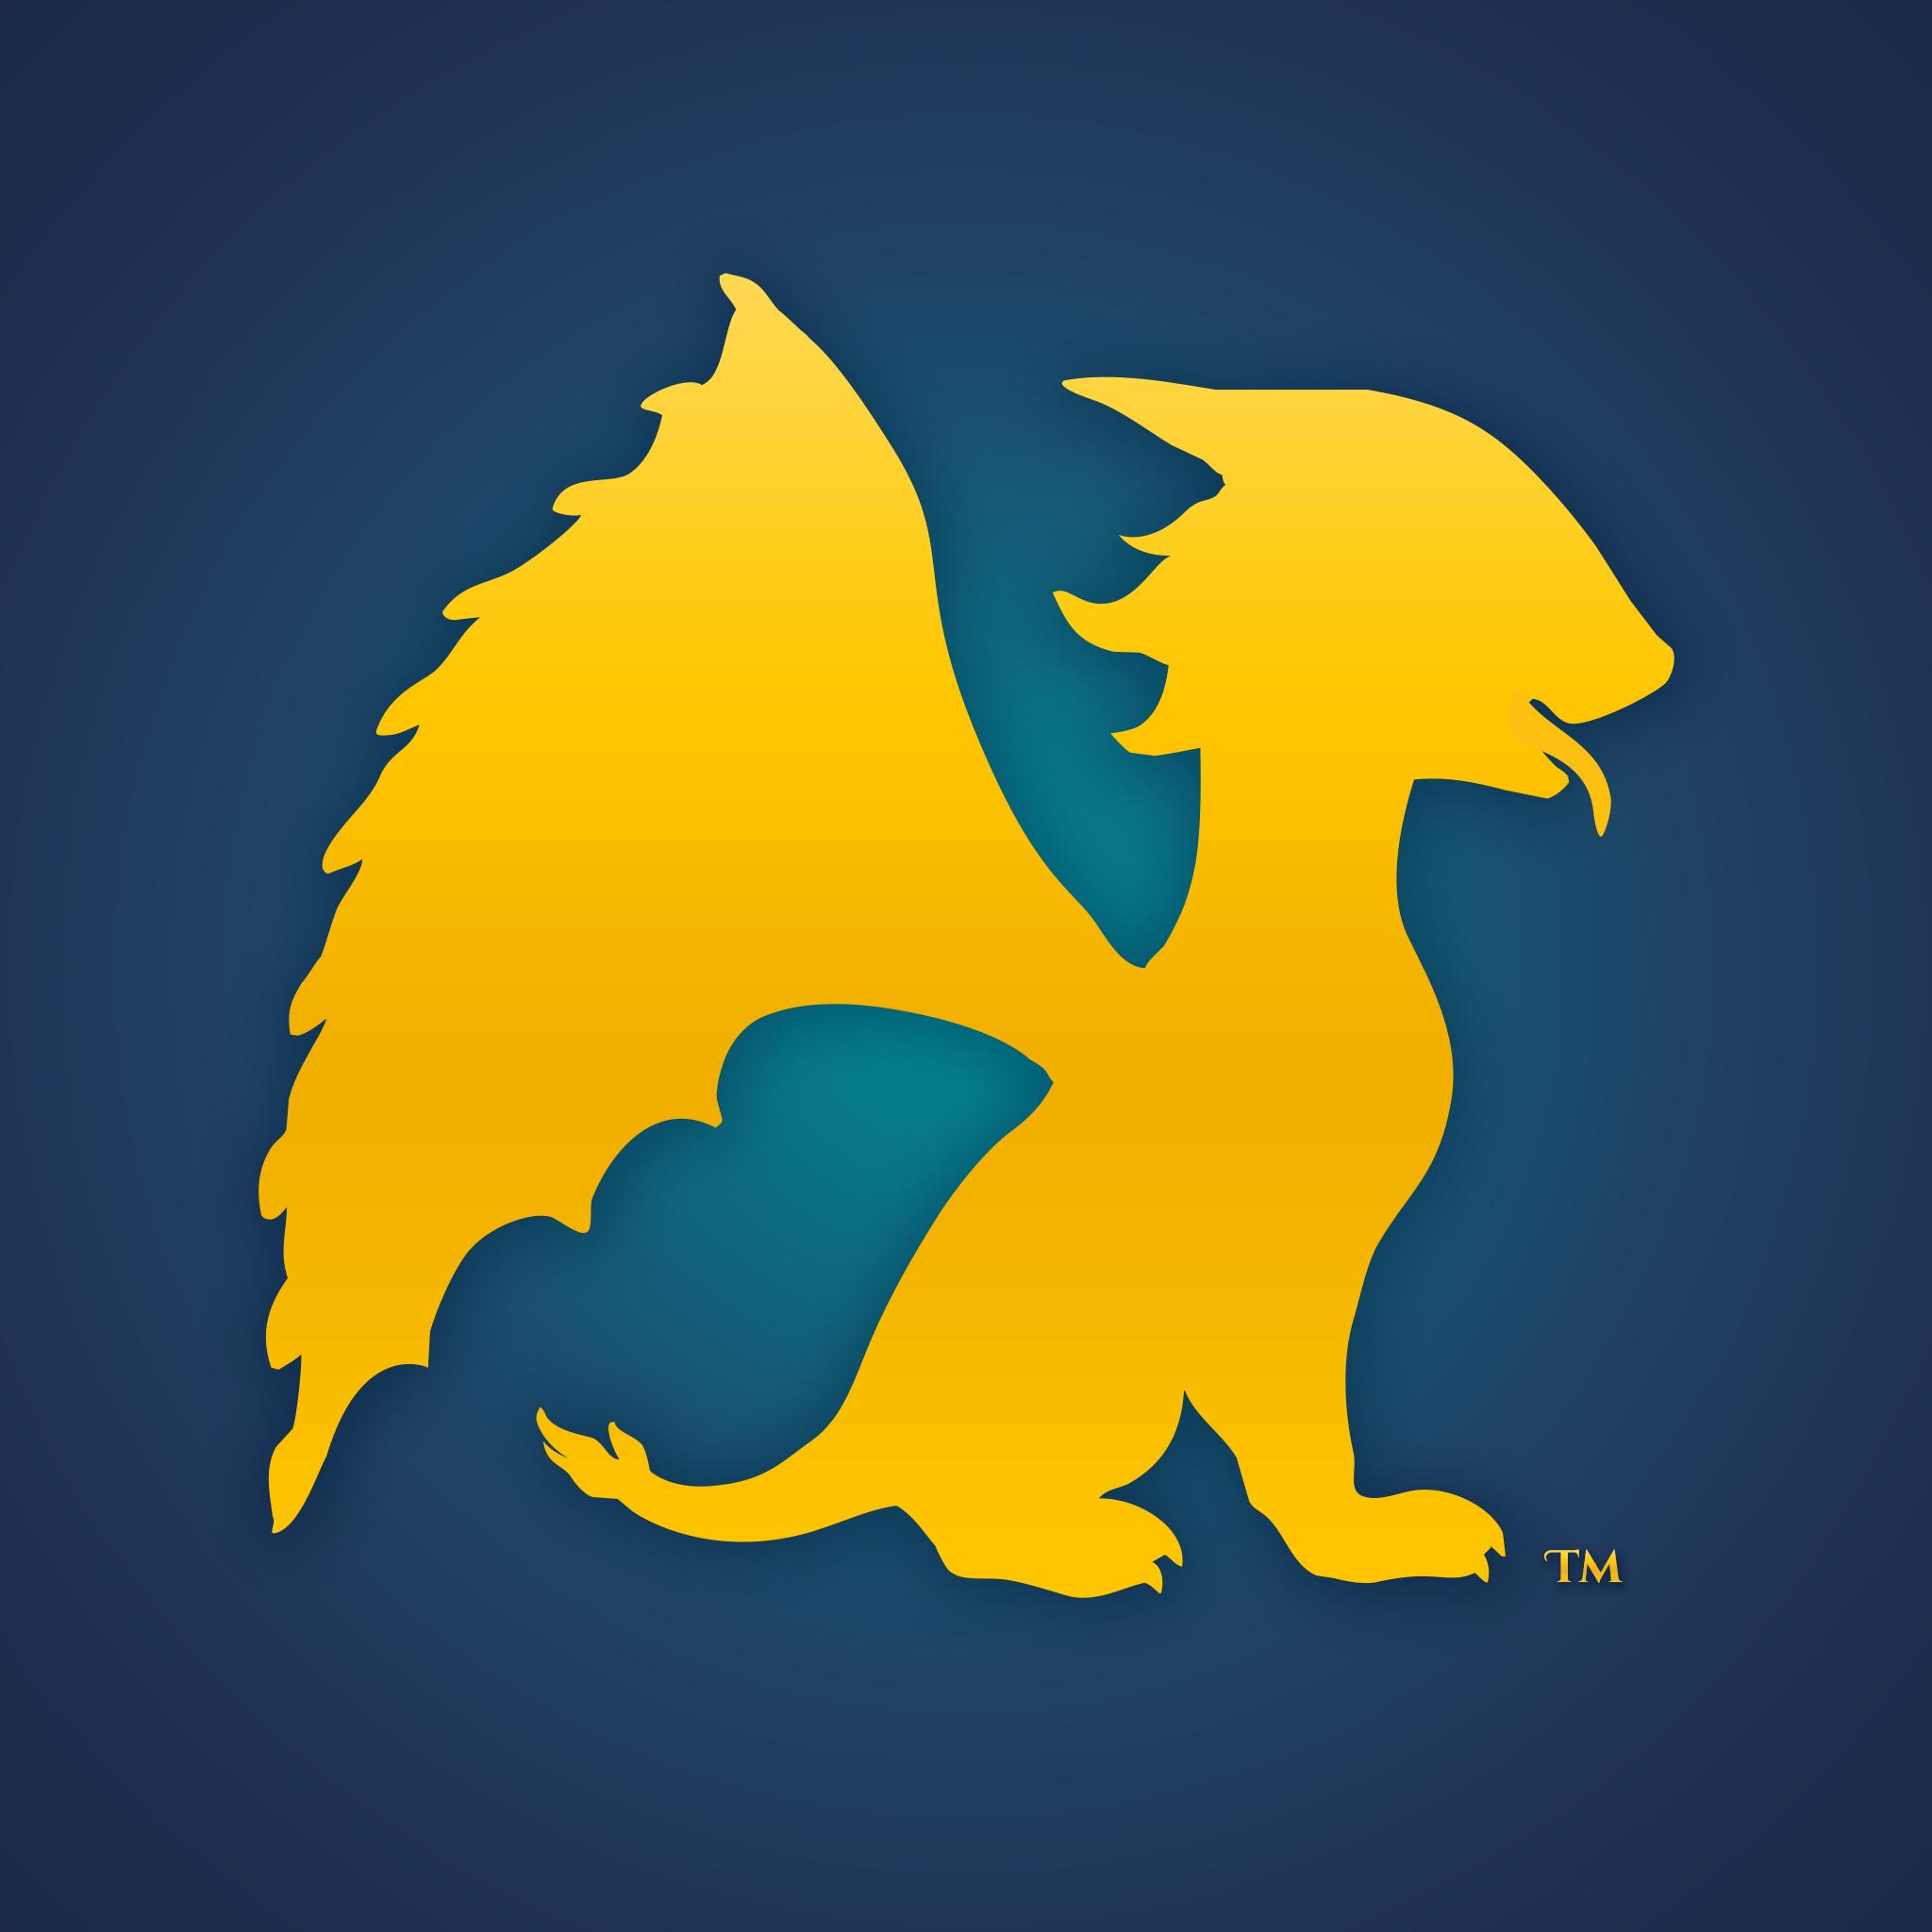 beast_inc_logo.png